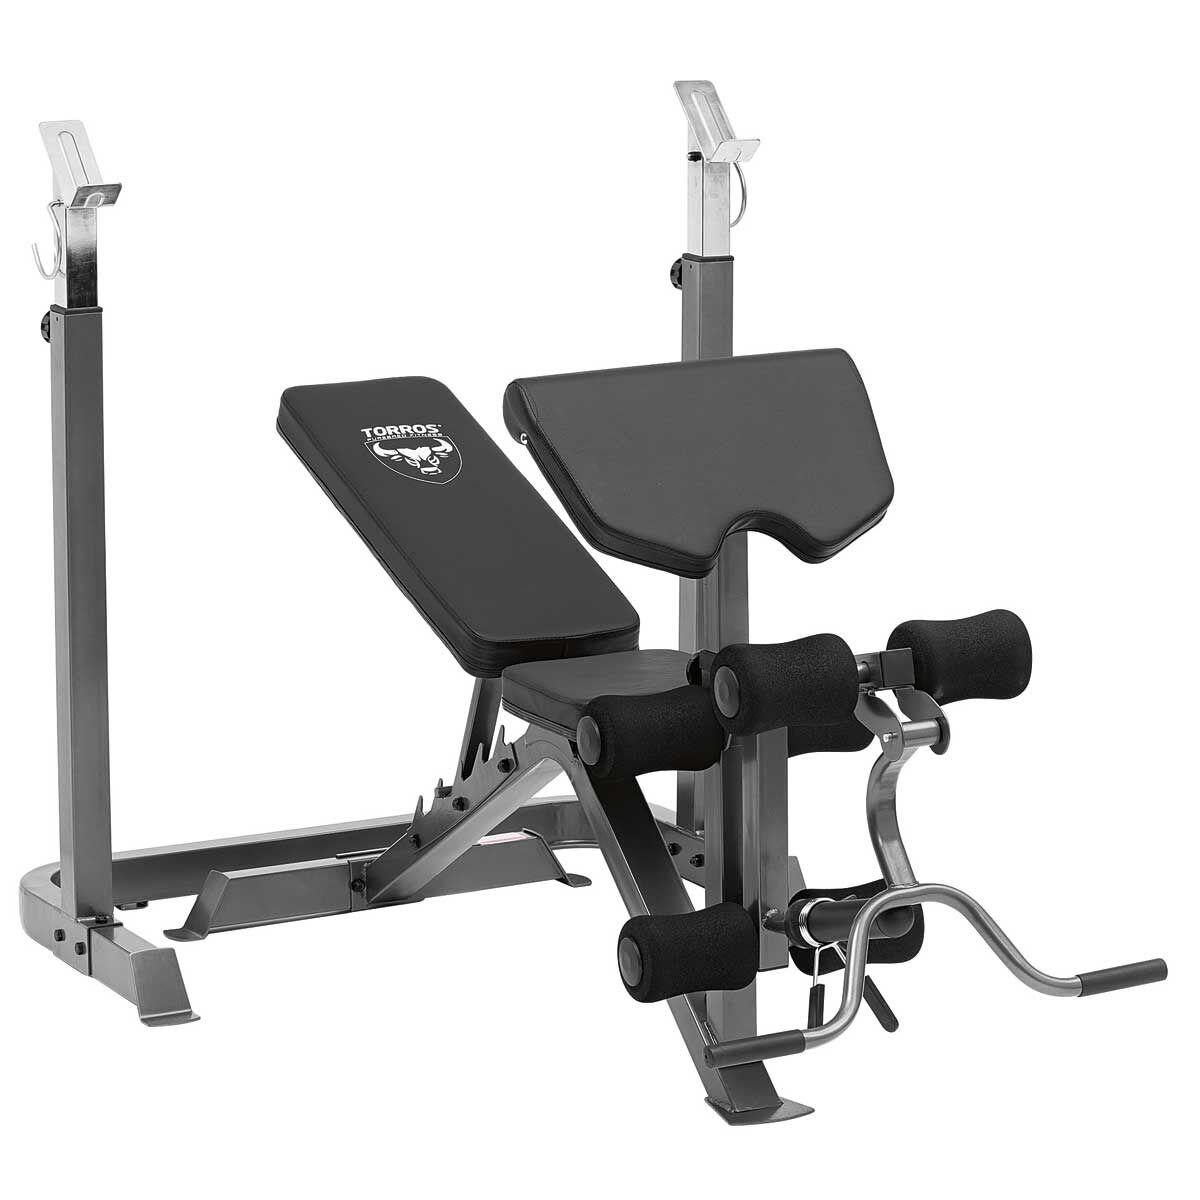 Torros Pro55 Deluxe Weight Bench Rebel Sport